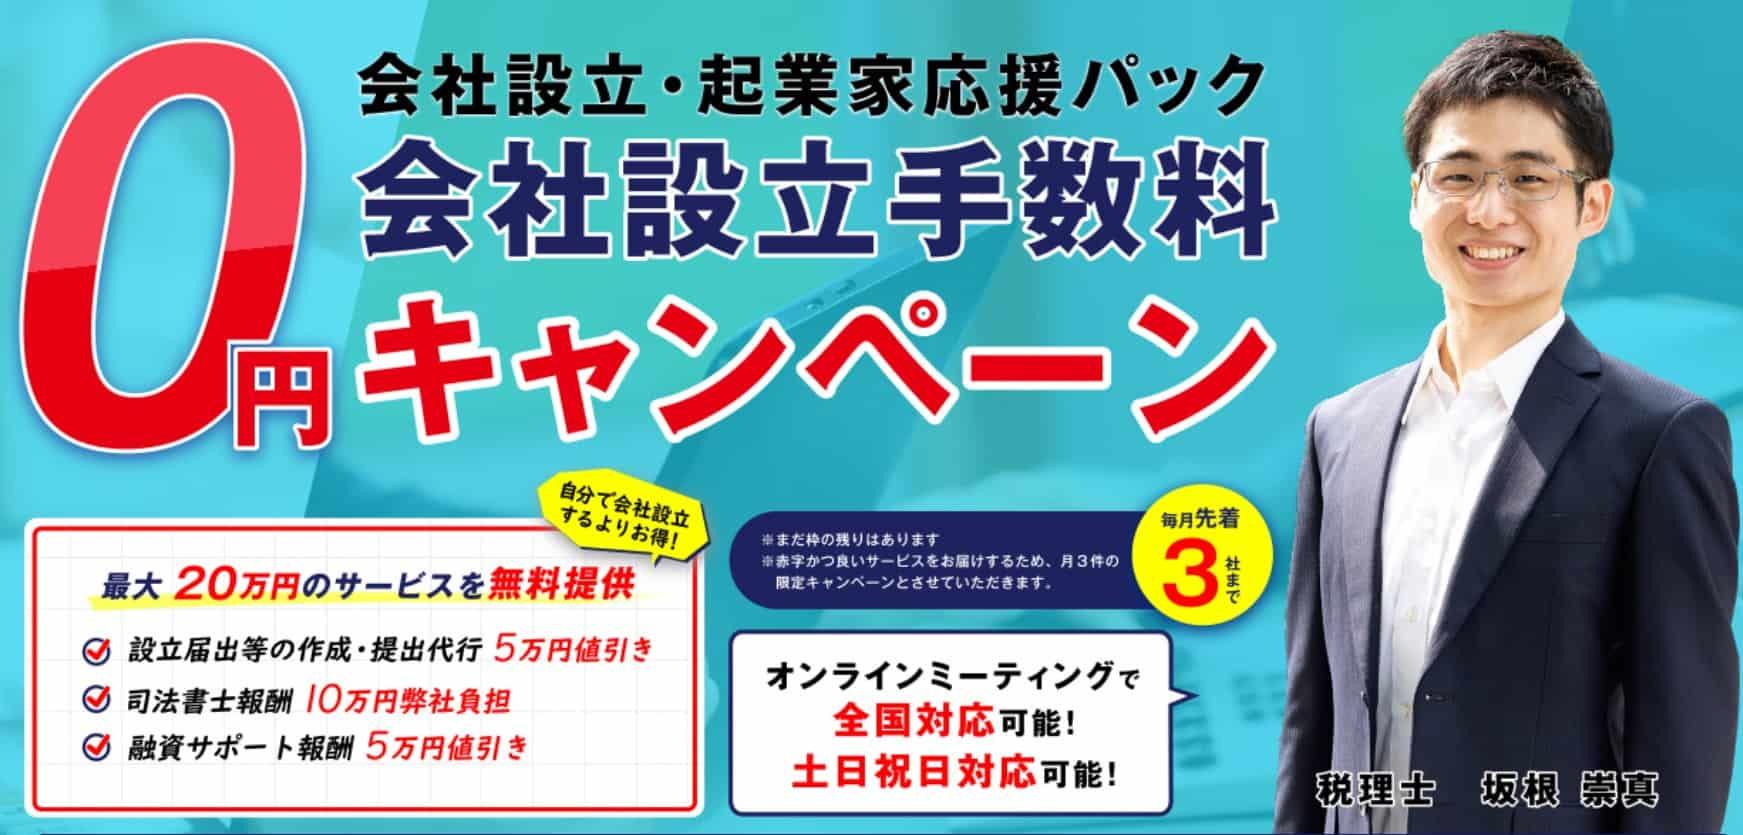 千代田区神田:会社設立・起業家応援パック